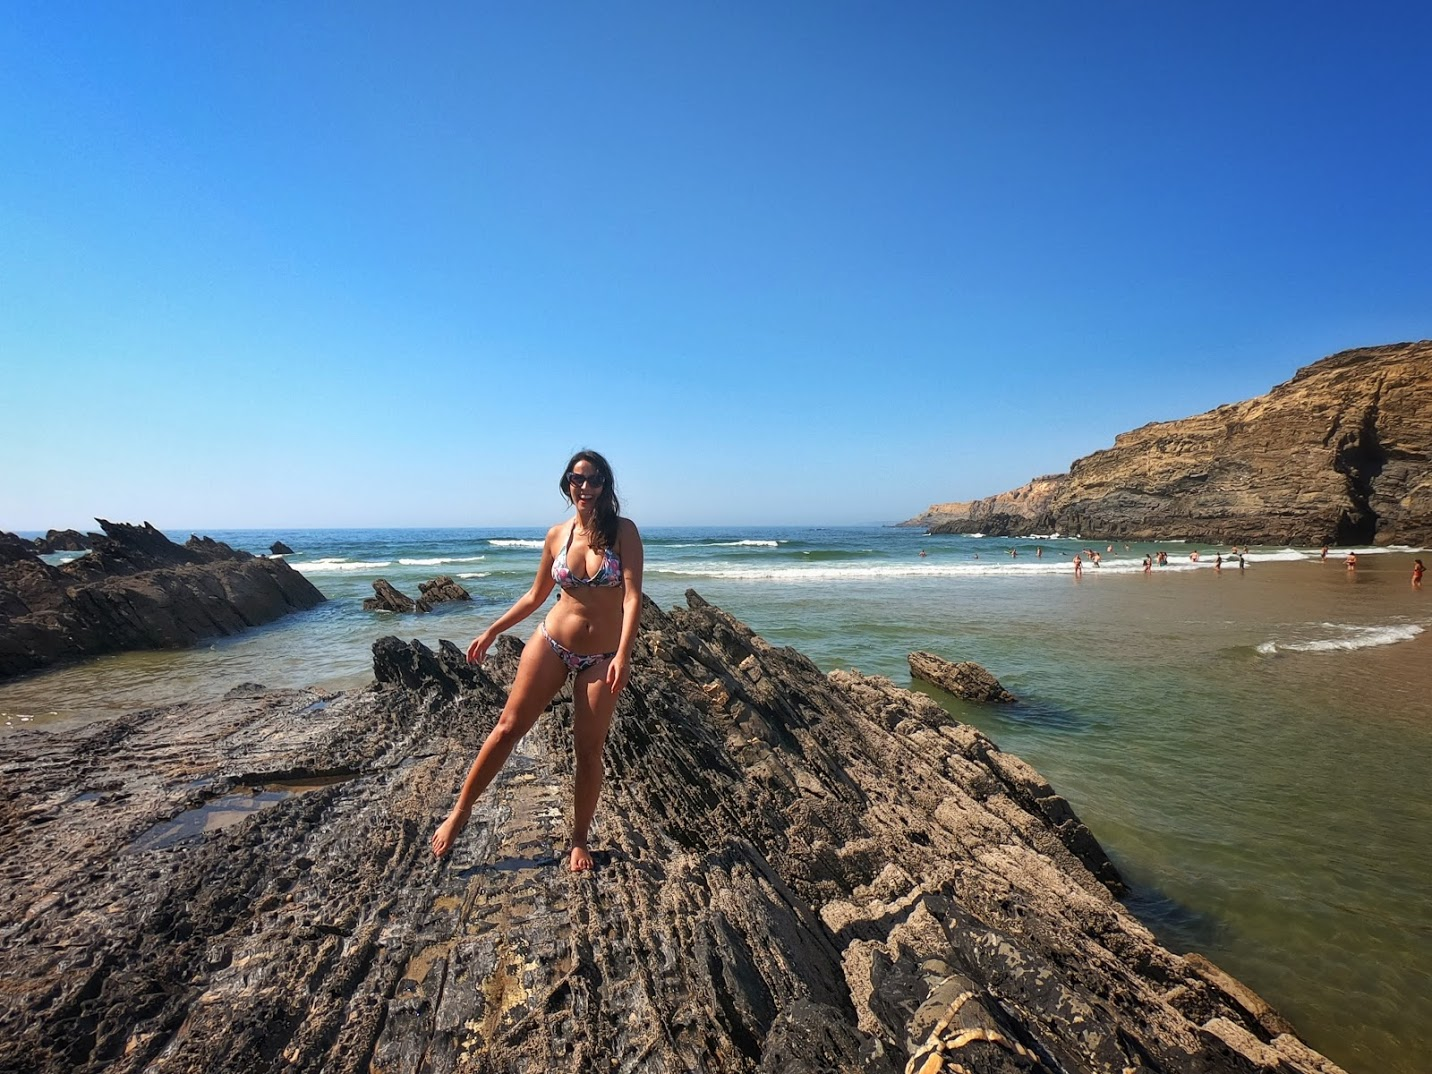 Praia do Carvalhal, Costa vicentina